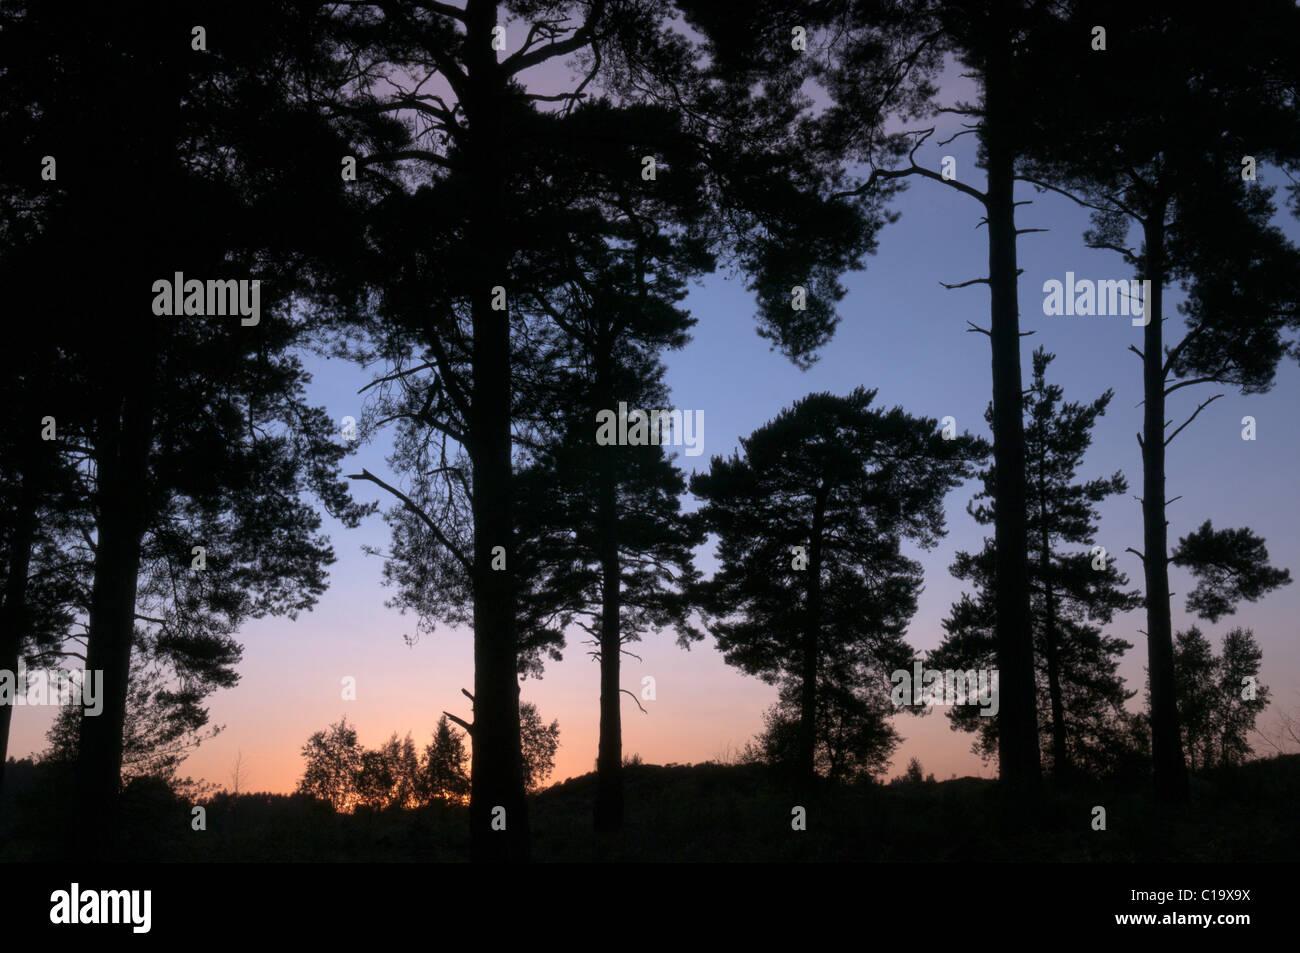 Puesta de sol a través de los árboles de pino (Pinus sylvestris) en Iping comunes (Reserva Natural Local), Imagen De Stock